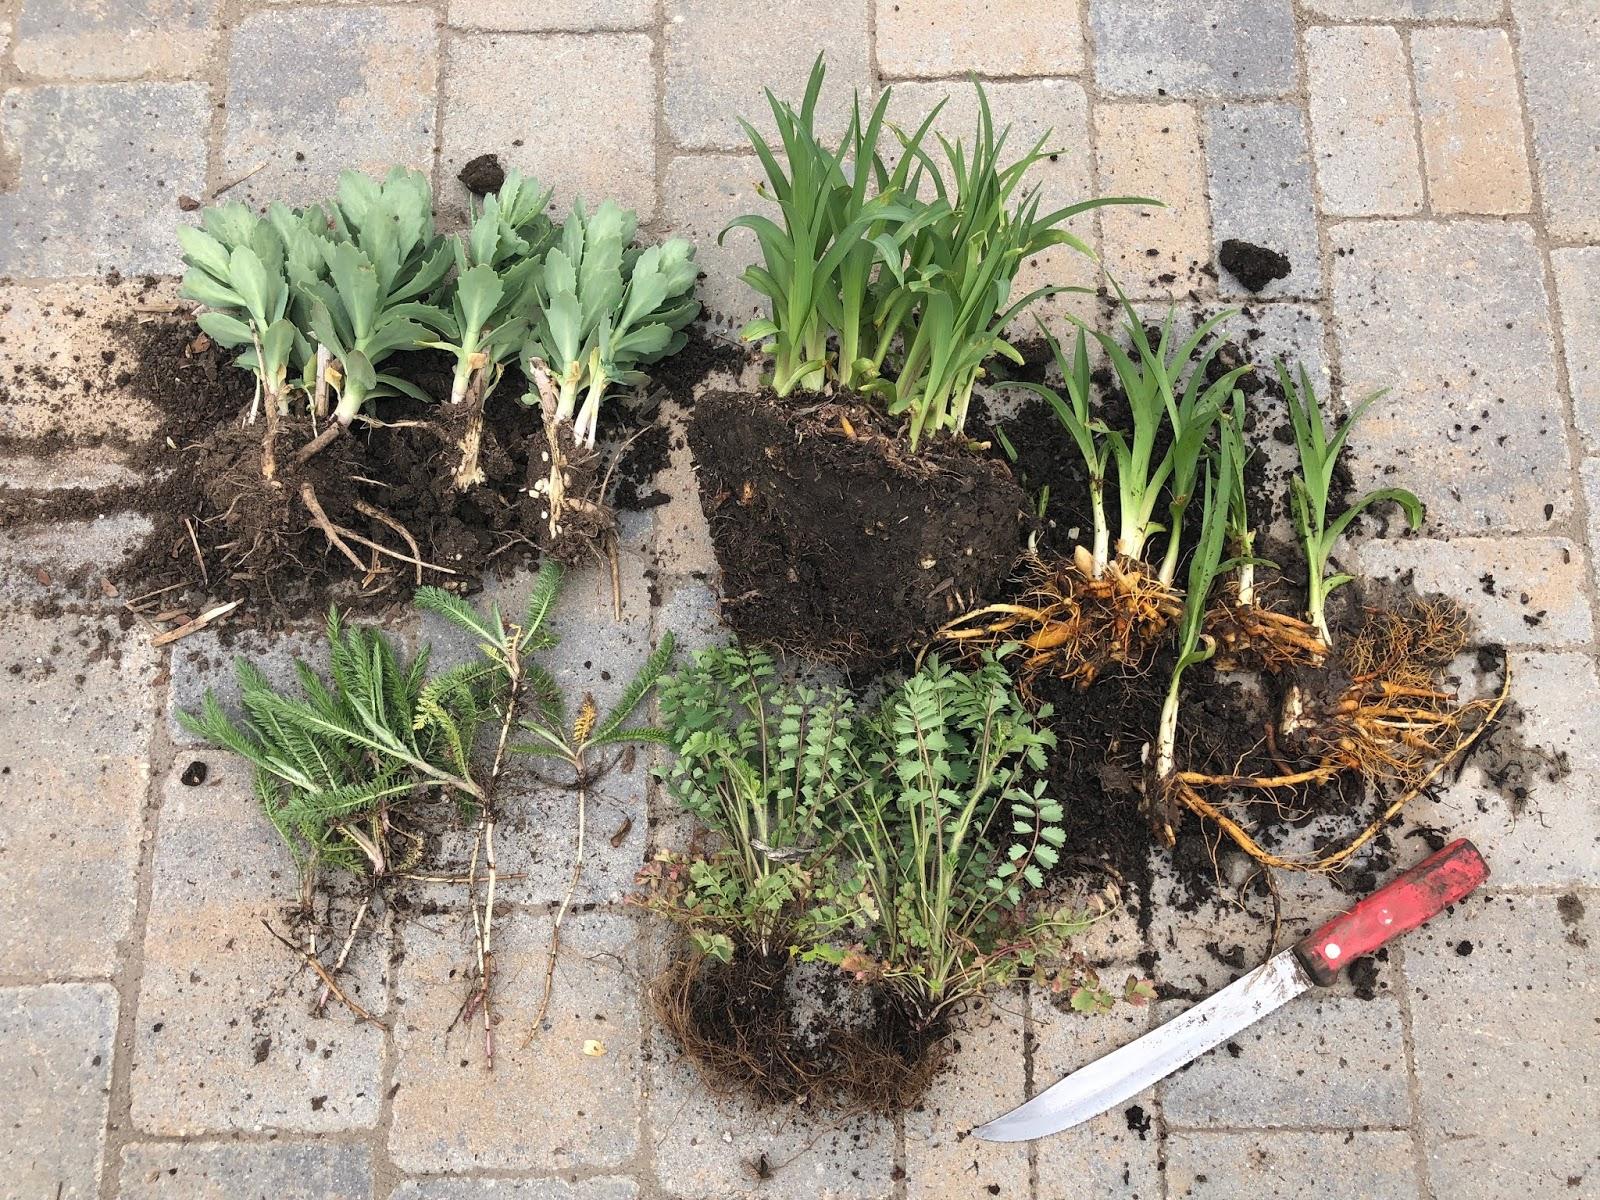 Colorado Mountain Gardener Dividing Perennials